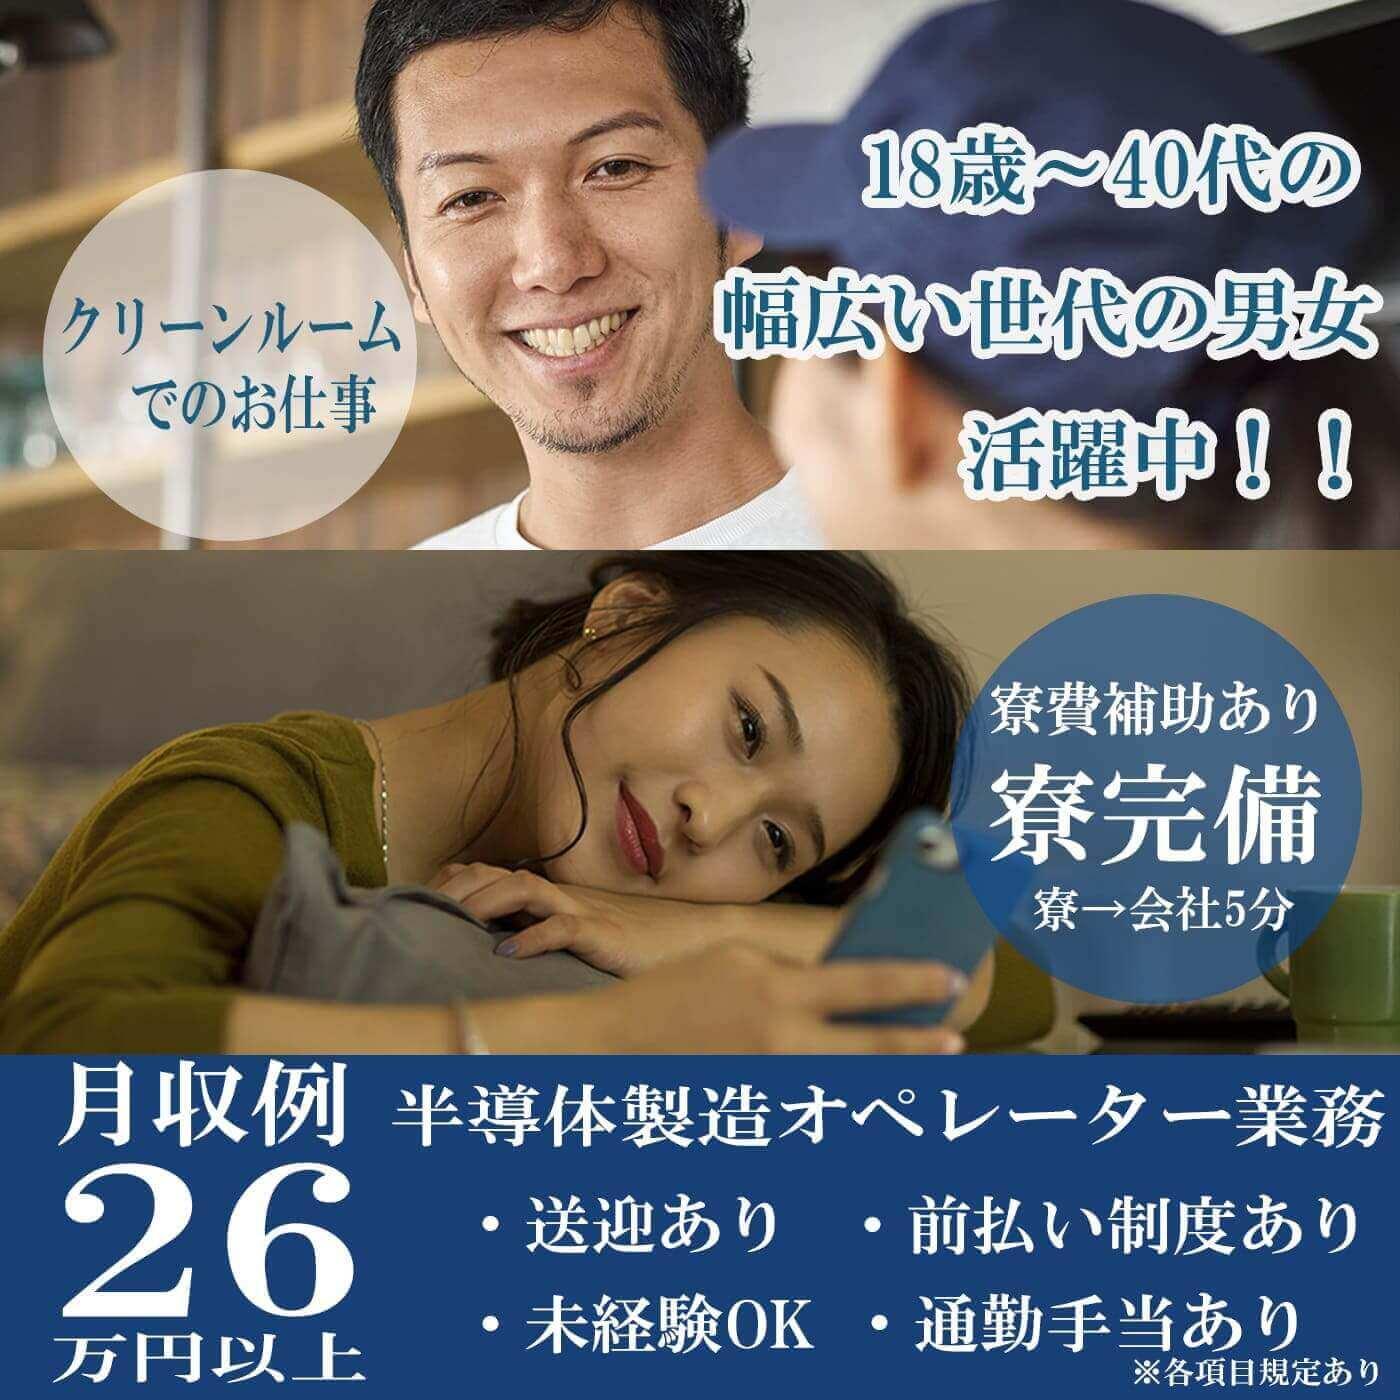 Chitoseshimain1 5